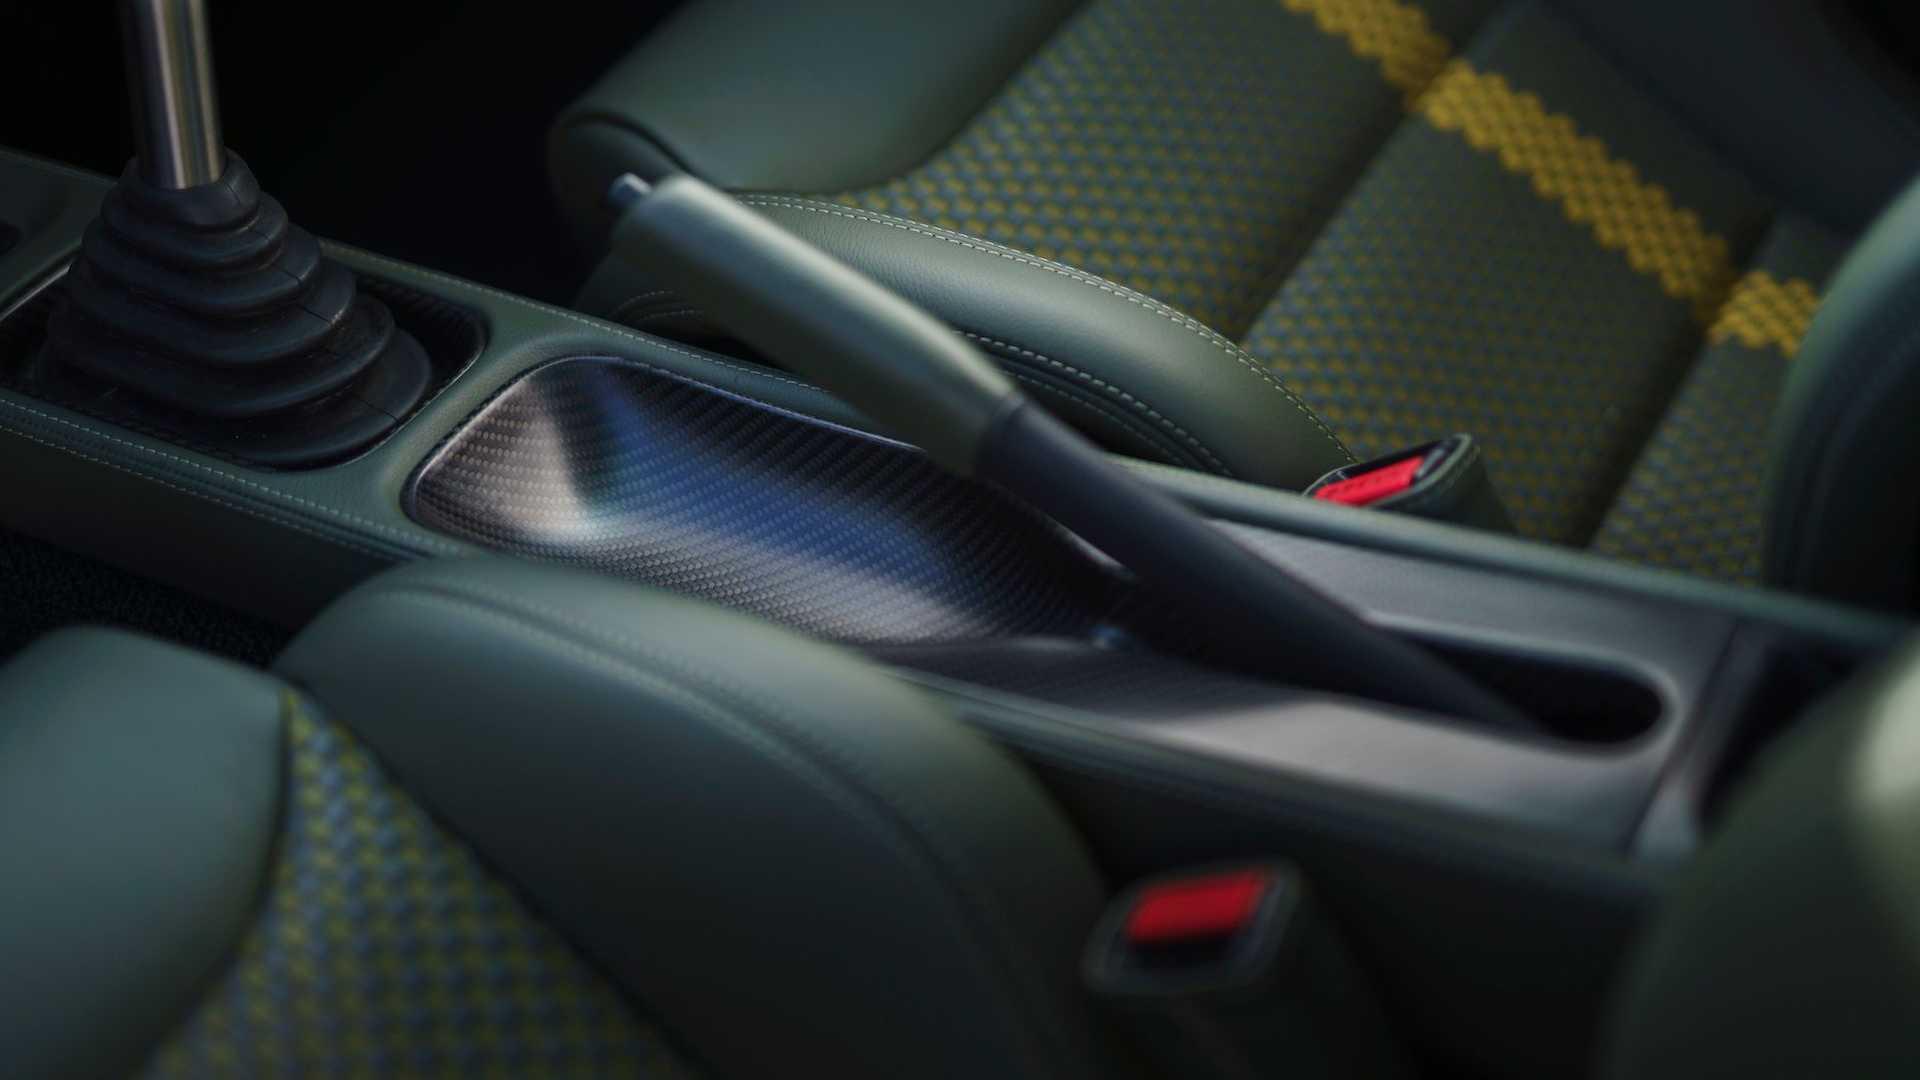 Theon-Design-HK002-Porsche-911-13